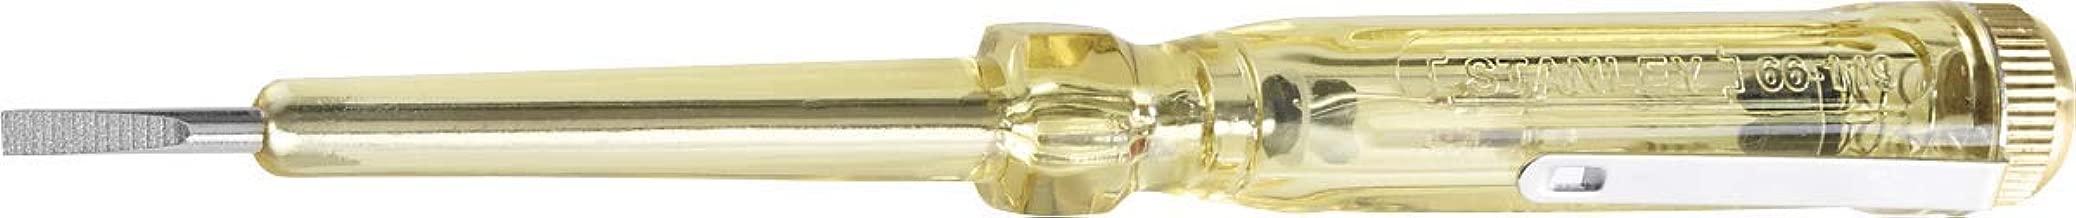 Stanley 66-119, Chave Fenda para Teste de Corrente, Amarelo/Preto